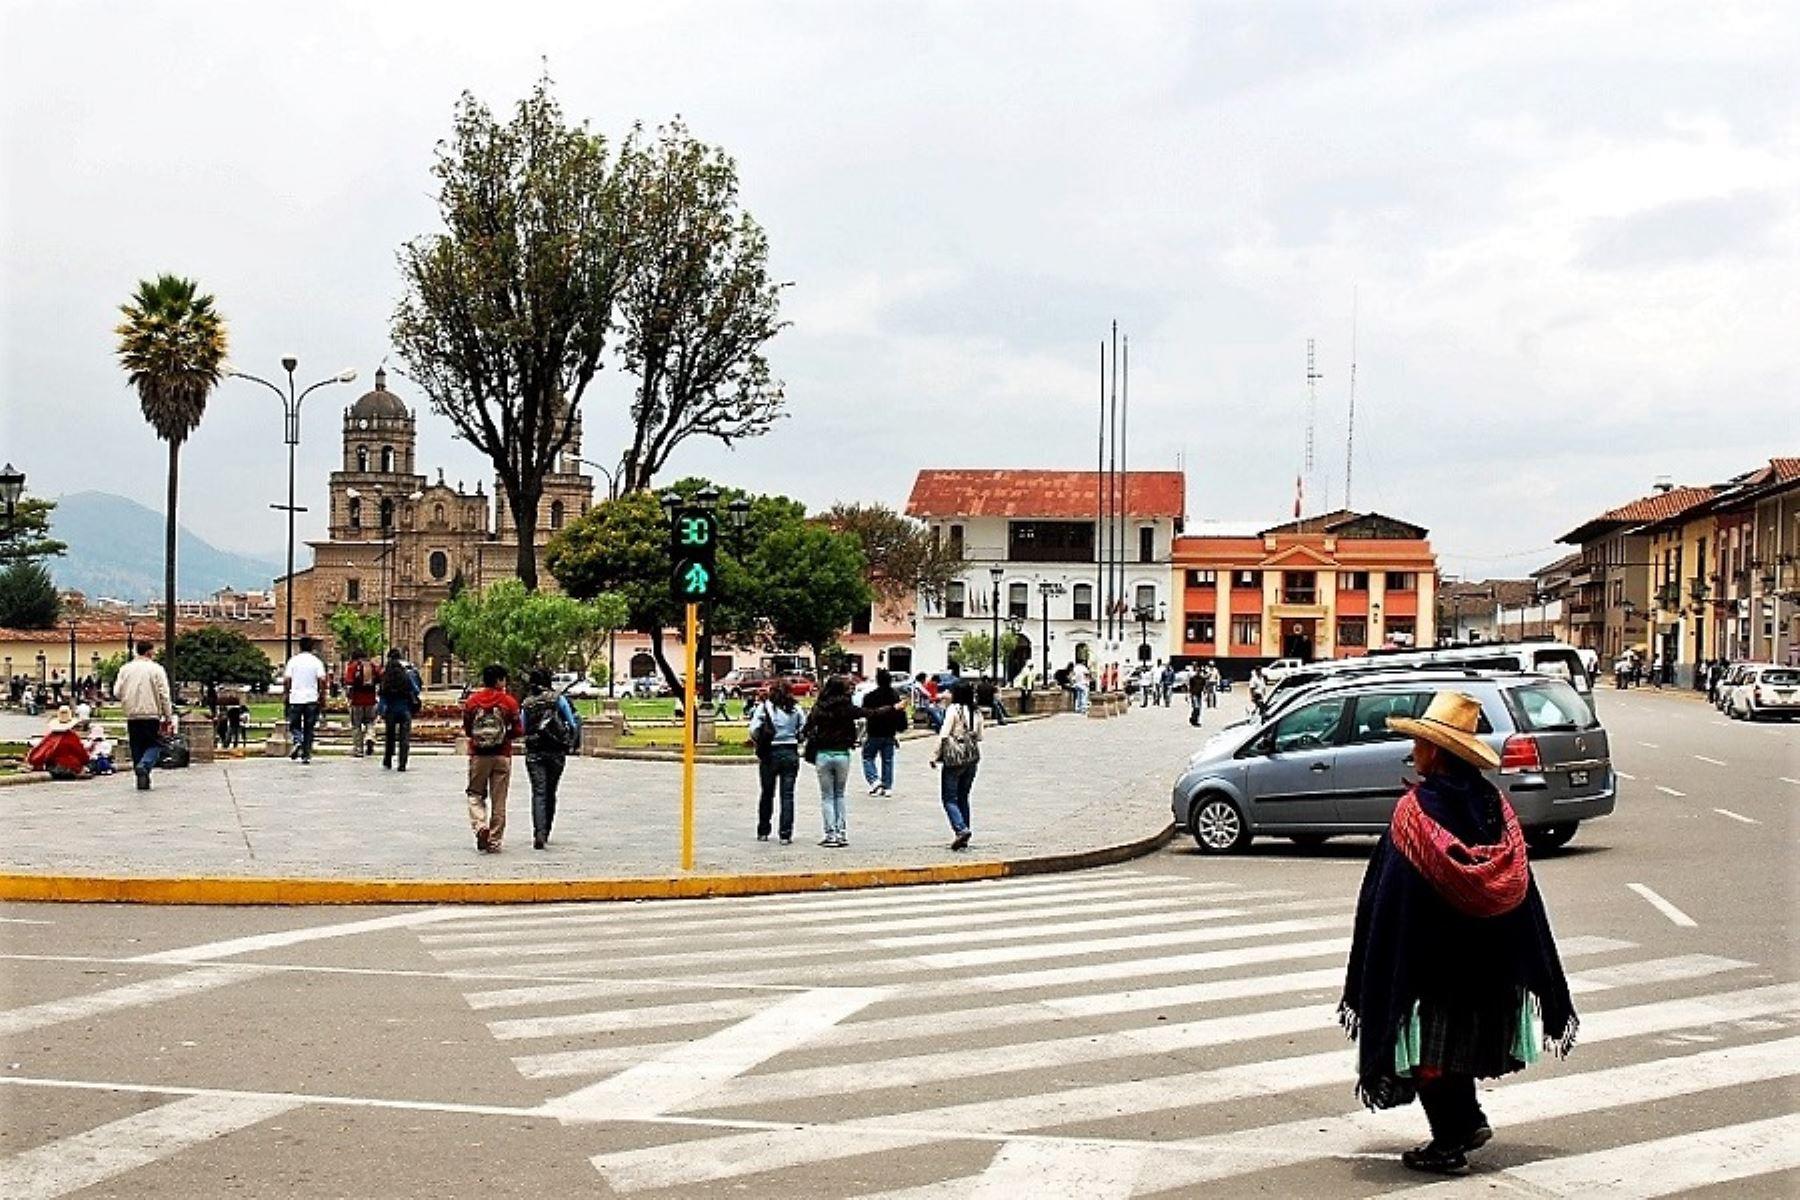 3ddc28c33c5 Municipio de Cajamarca pone en marcha plan de seguridad por fiestas de  Navidad y Año Nuevo